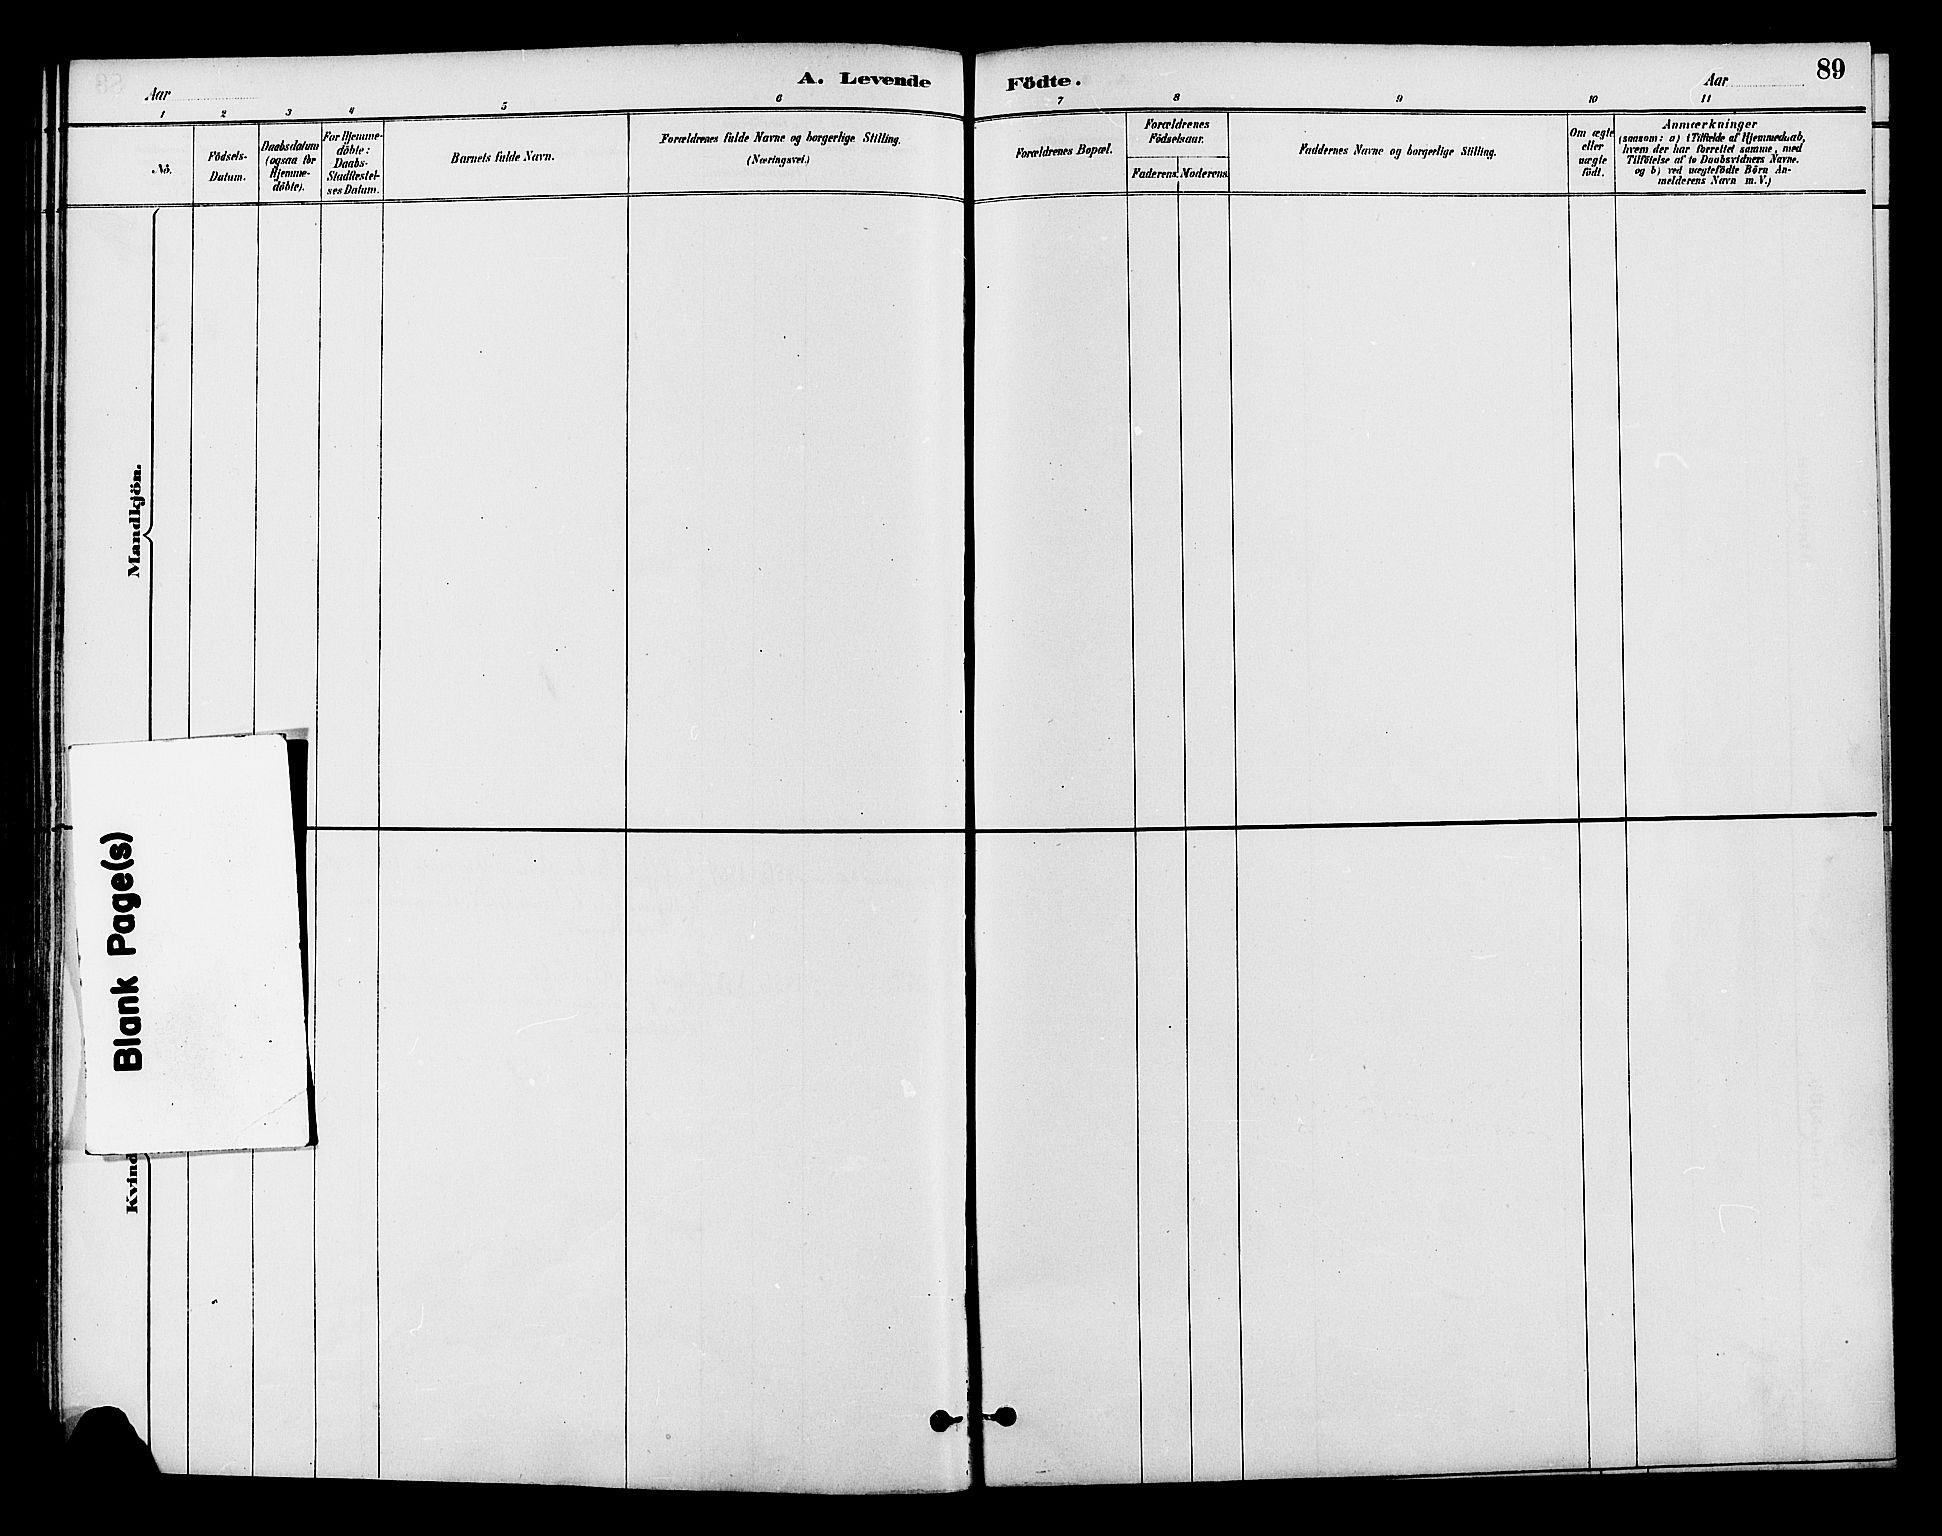 SAH, Lom prestekontor, K/L0008: Ministerialbok nr. 8, 1885-1898, s. 89